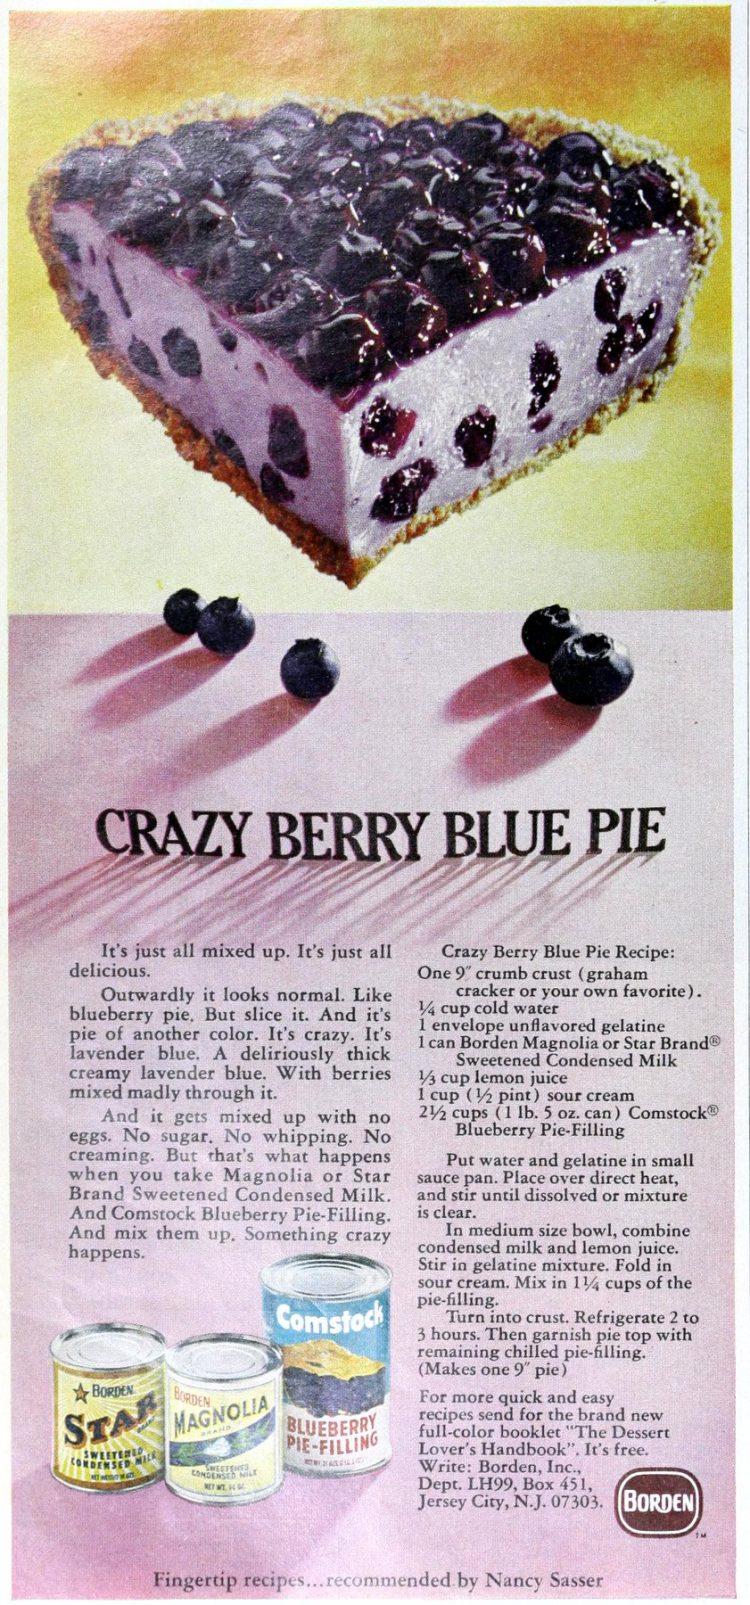 Retro recipe for Crazy berry blue pie (1969)